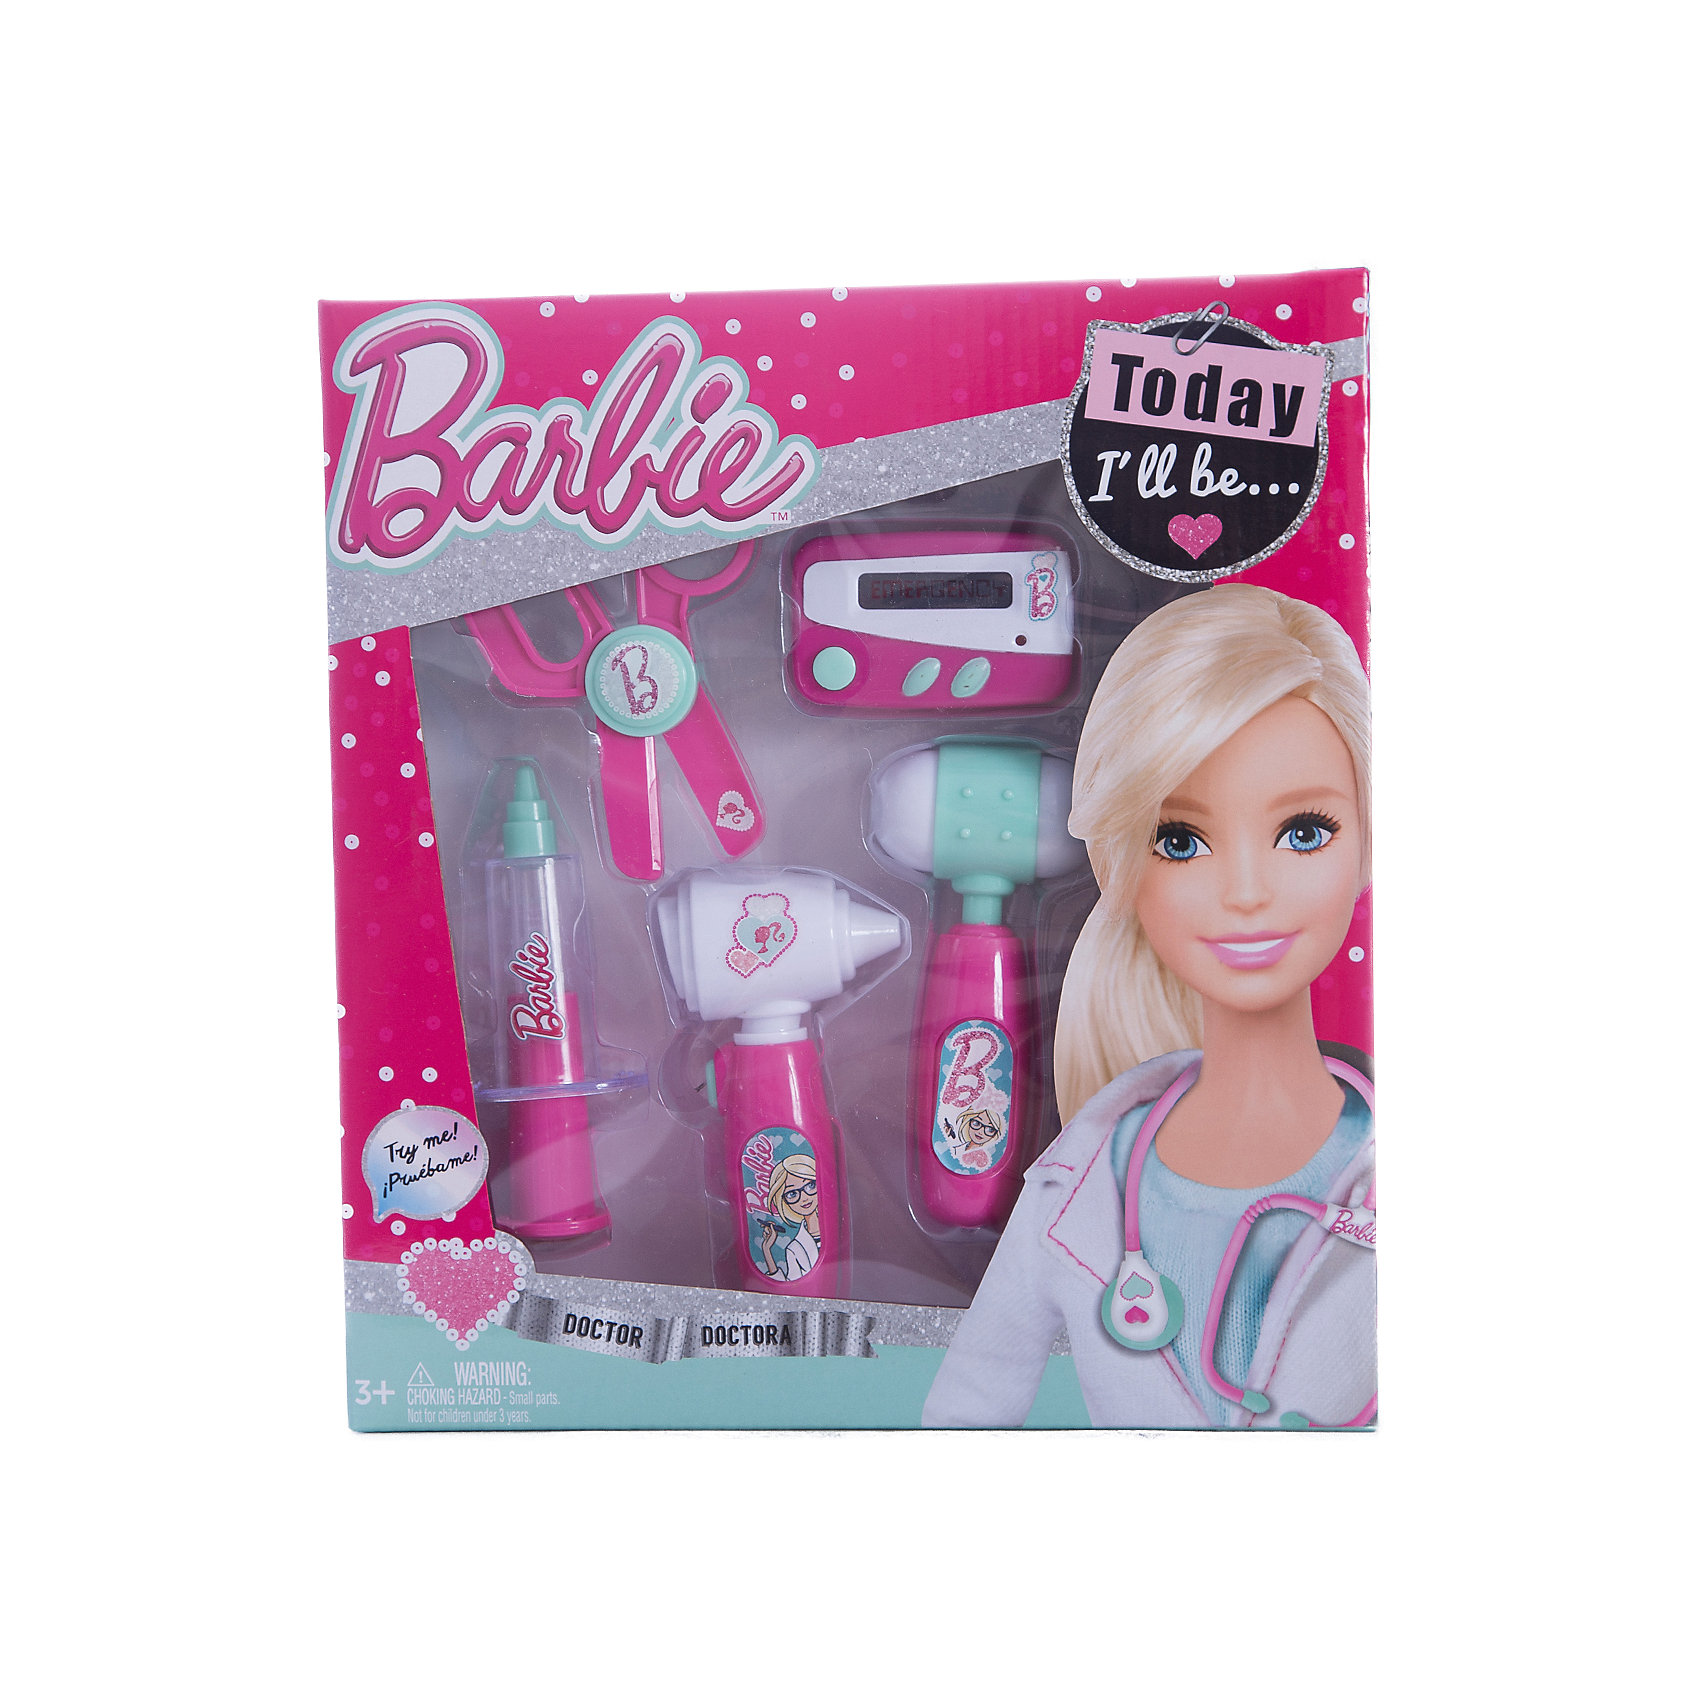 Игровой набор юного доктора компактный, BarbieИгровой набор юного доктора на блистере, Barbie (Барби).<br><br>Характеристики:<br><br>• Материал: пластик. <br>• Размер упаковки: 28х4х25 см. см.<br>• Комплектация: неврологический молоточек; шприц;<br>ножницы; электронный пейджер; отоскоп - прибор для обследования ушей.<br>• Звуковые и световые эффекты. <br>• Отличная детализация. <br>• Элемент питания: для пейджера - 2 батарейки типа AG13 (в комплекте); для отоскопа - 2 батарейки типа AG10 (в комплекте). <br>• Яркий привлекательный дизайн.<br><br>С этим ярким набором врача ваша девочка почувствует себя самым настоящим доктором. Все аксессуары отлично детализированы и хорошо проработаны, очень похожи на медицинские инструменты. Игрушки изготовлены из экологичного пластика, в производстве которого использованы только безопасные нетоксичные красители.<br><br>Игровой набор юного доктора на блистере, Barbie (Барби), можно купить в нашем интернет-магазине.<br><br>Ширина мм: 260<br>Глубина мм: 280<br>Высота мм: 400<br>Вес г: 332<br>Возраст от месяцев: 36<br>Возраст до месяцев: 2147483647<br>Пол: Женский<br>Возраст: Детский<br>SKU: 5238933